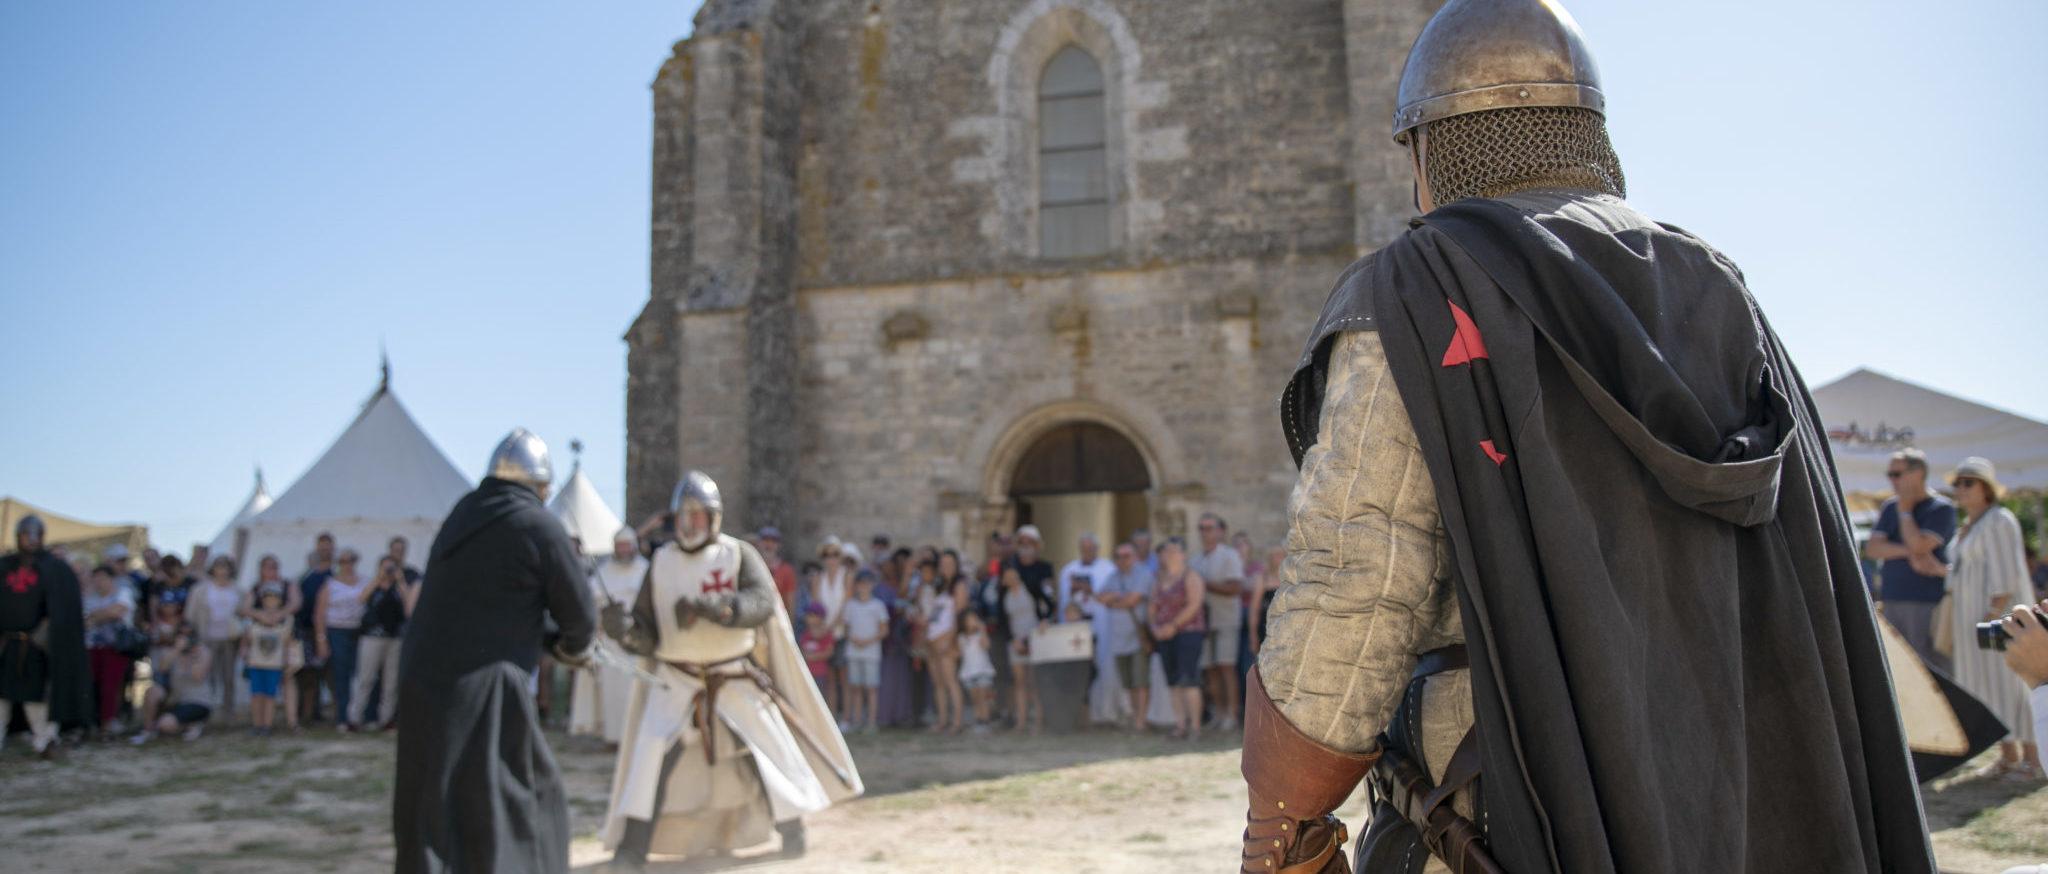 Les Templiers Olivier Douard